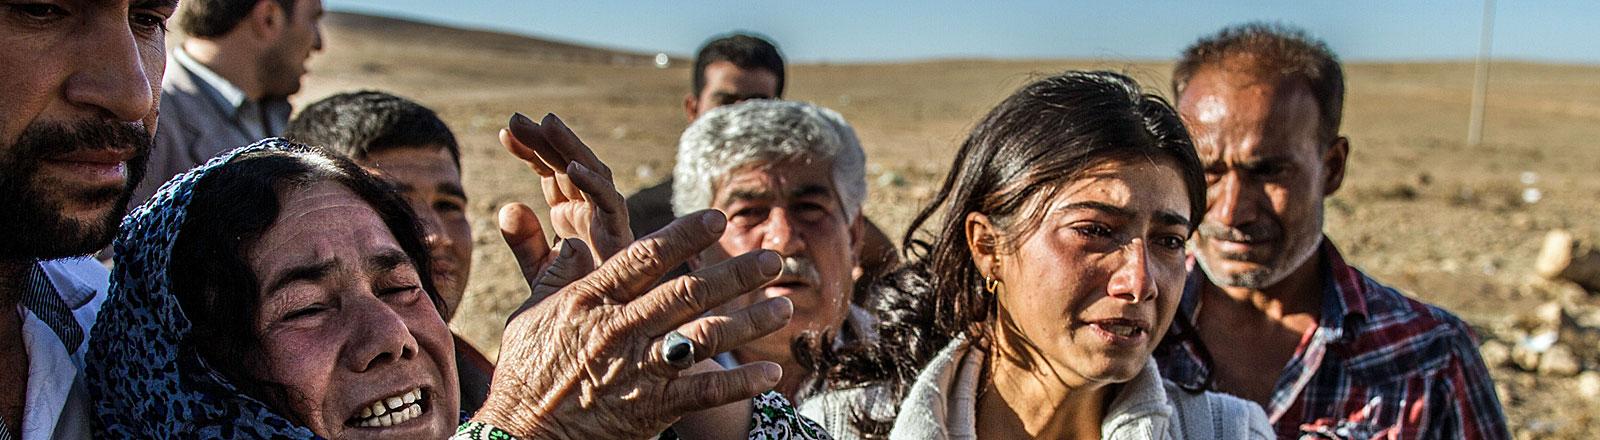 Nachdem ein Familienmitglied bei den Kämpfen mit den IS-Milizen ums Leben kam, ringen kurdische Angehörige in Suruc/Türkei am Grenzübergang nach Kobane/Syrien um Fassung.